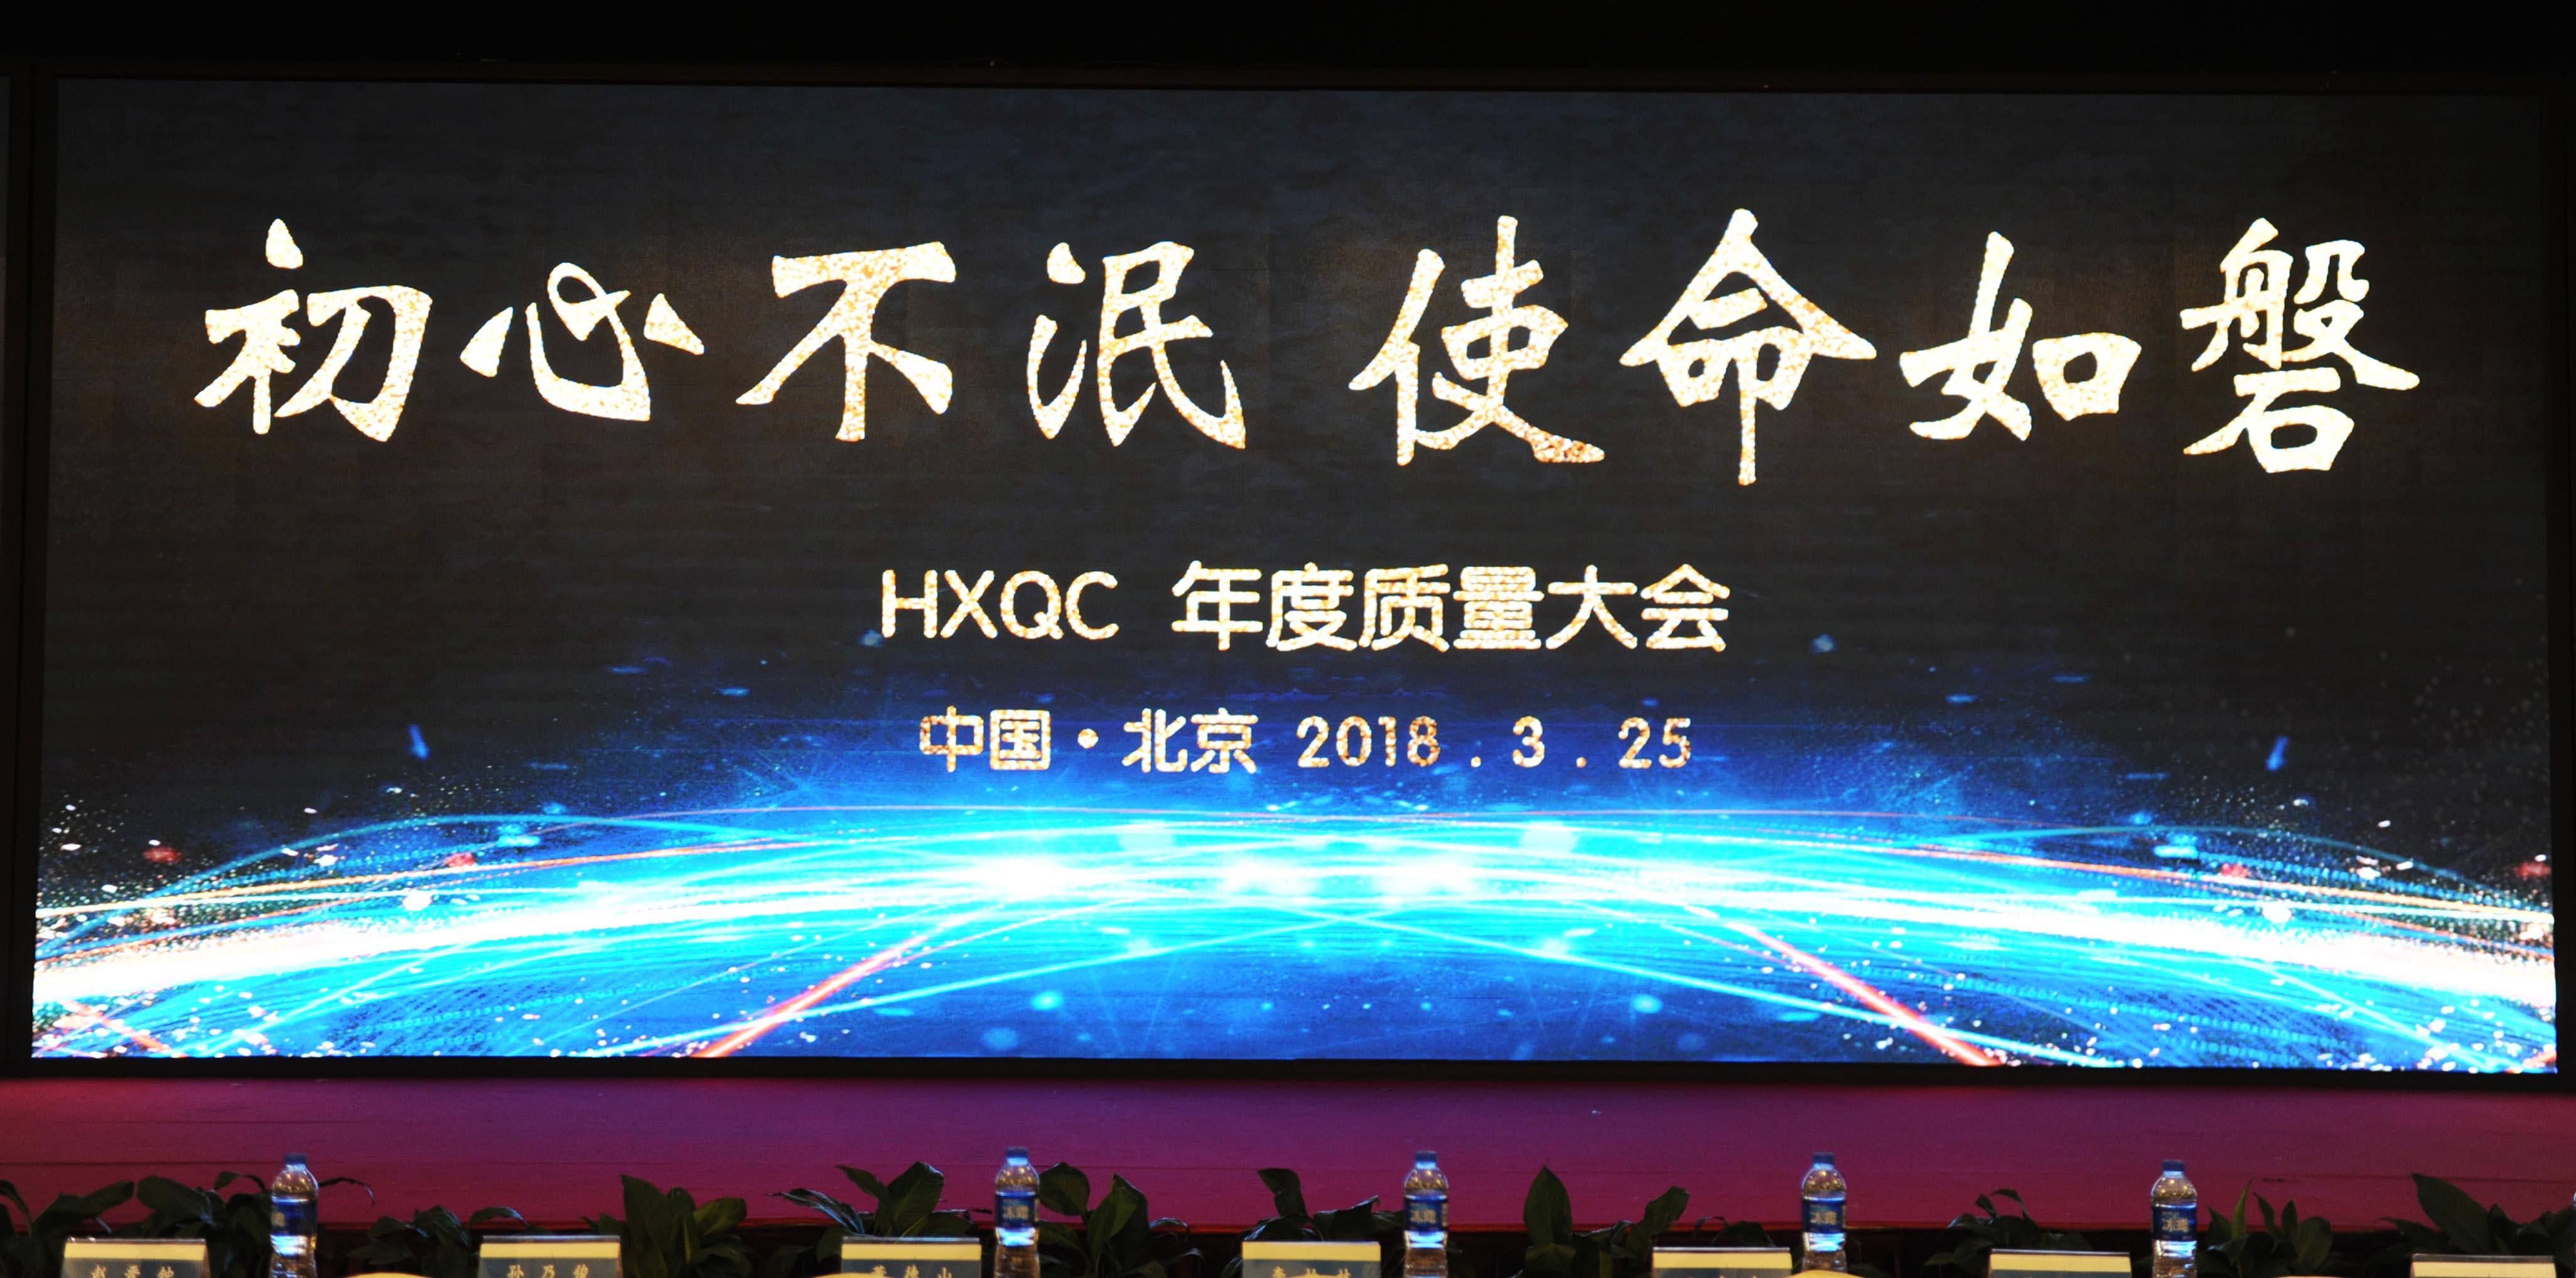 初心不泯,使命如磐----HXQC成功举办年度质量大会